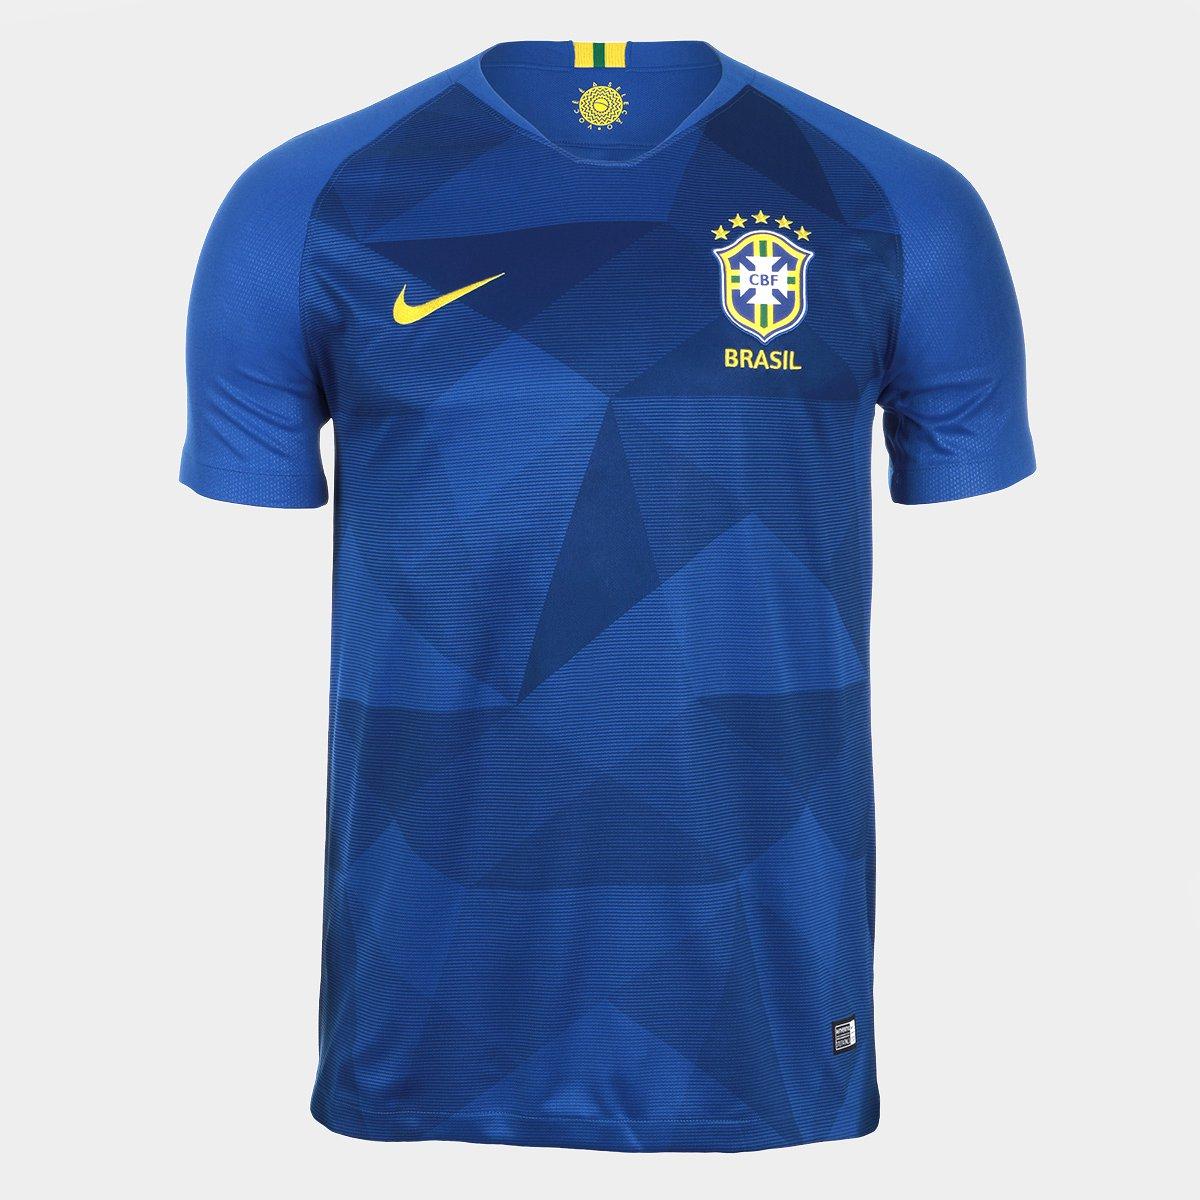 ... Camisa Seleção Brasil II 2018 nº 10 Neymar Jr - Torcedor Nike Masculina  ... 53812b318c68b